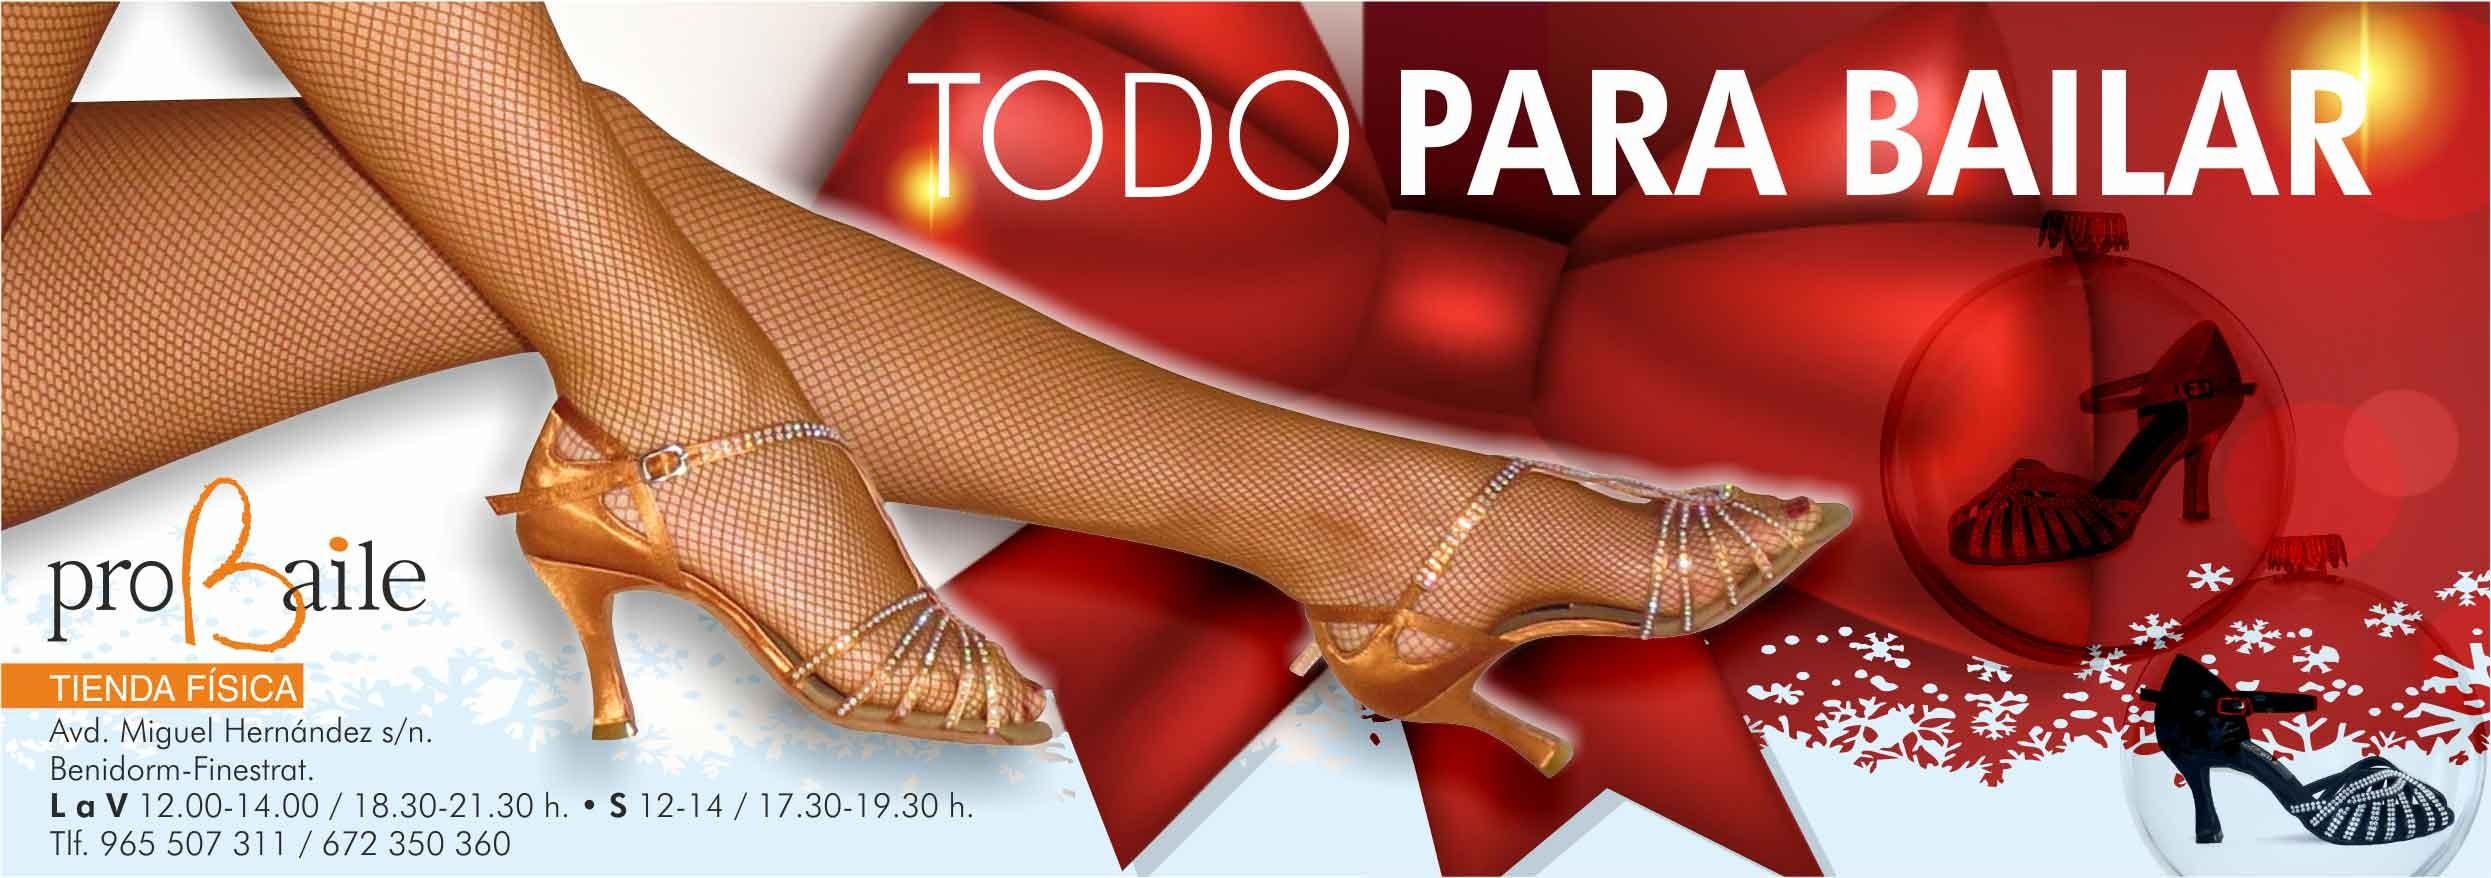 regalo zapatos baile navidad